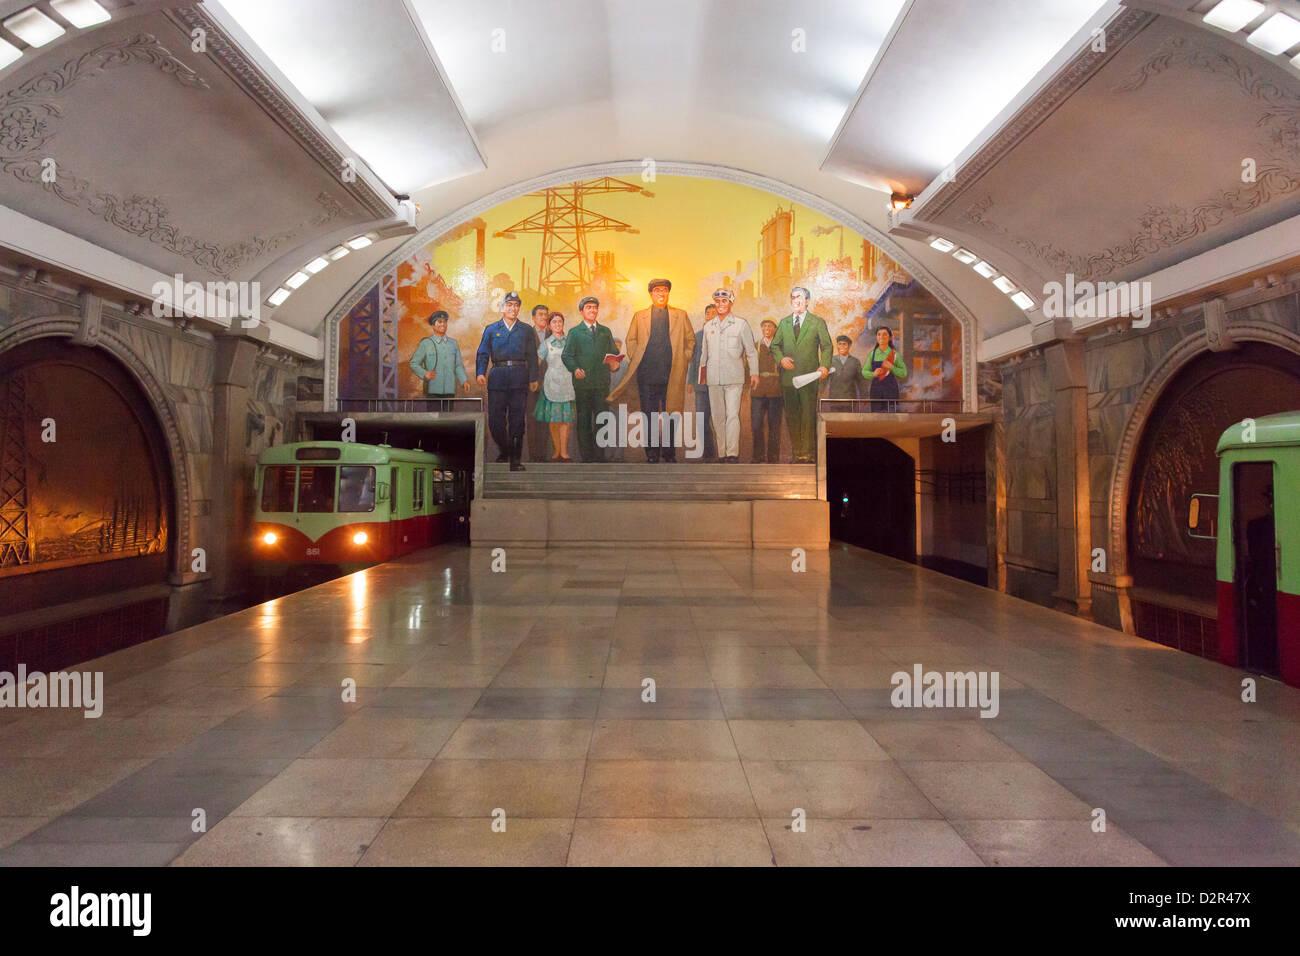 Estación Punhung, uno de los muchos 100 metros de profundidad en las estaciones de metro la red de metro de Imagen De Stock